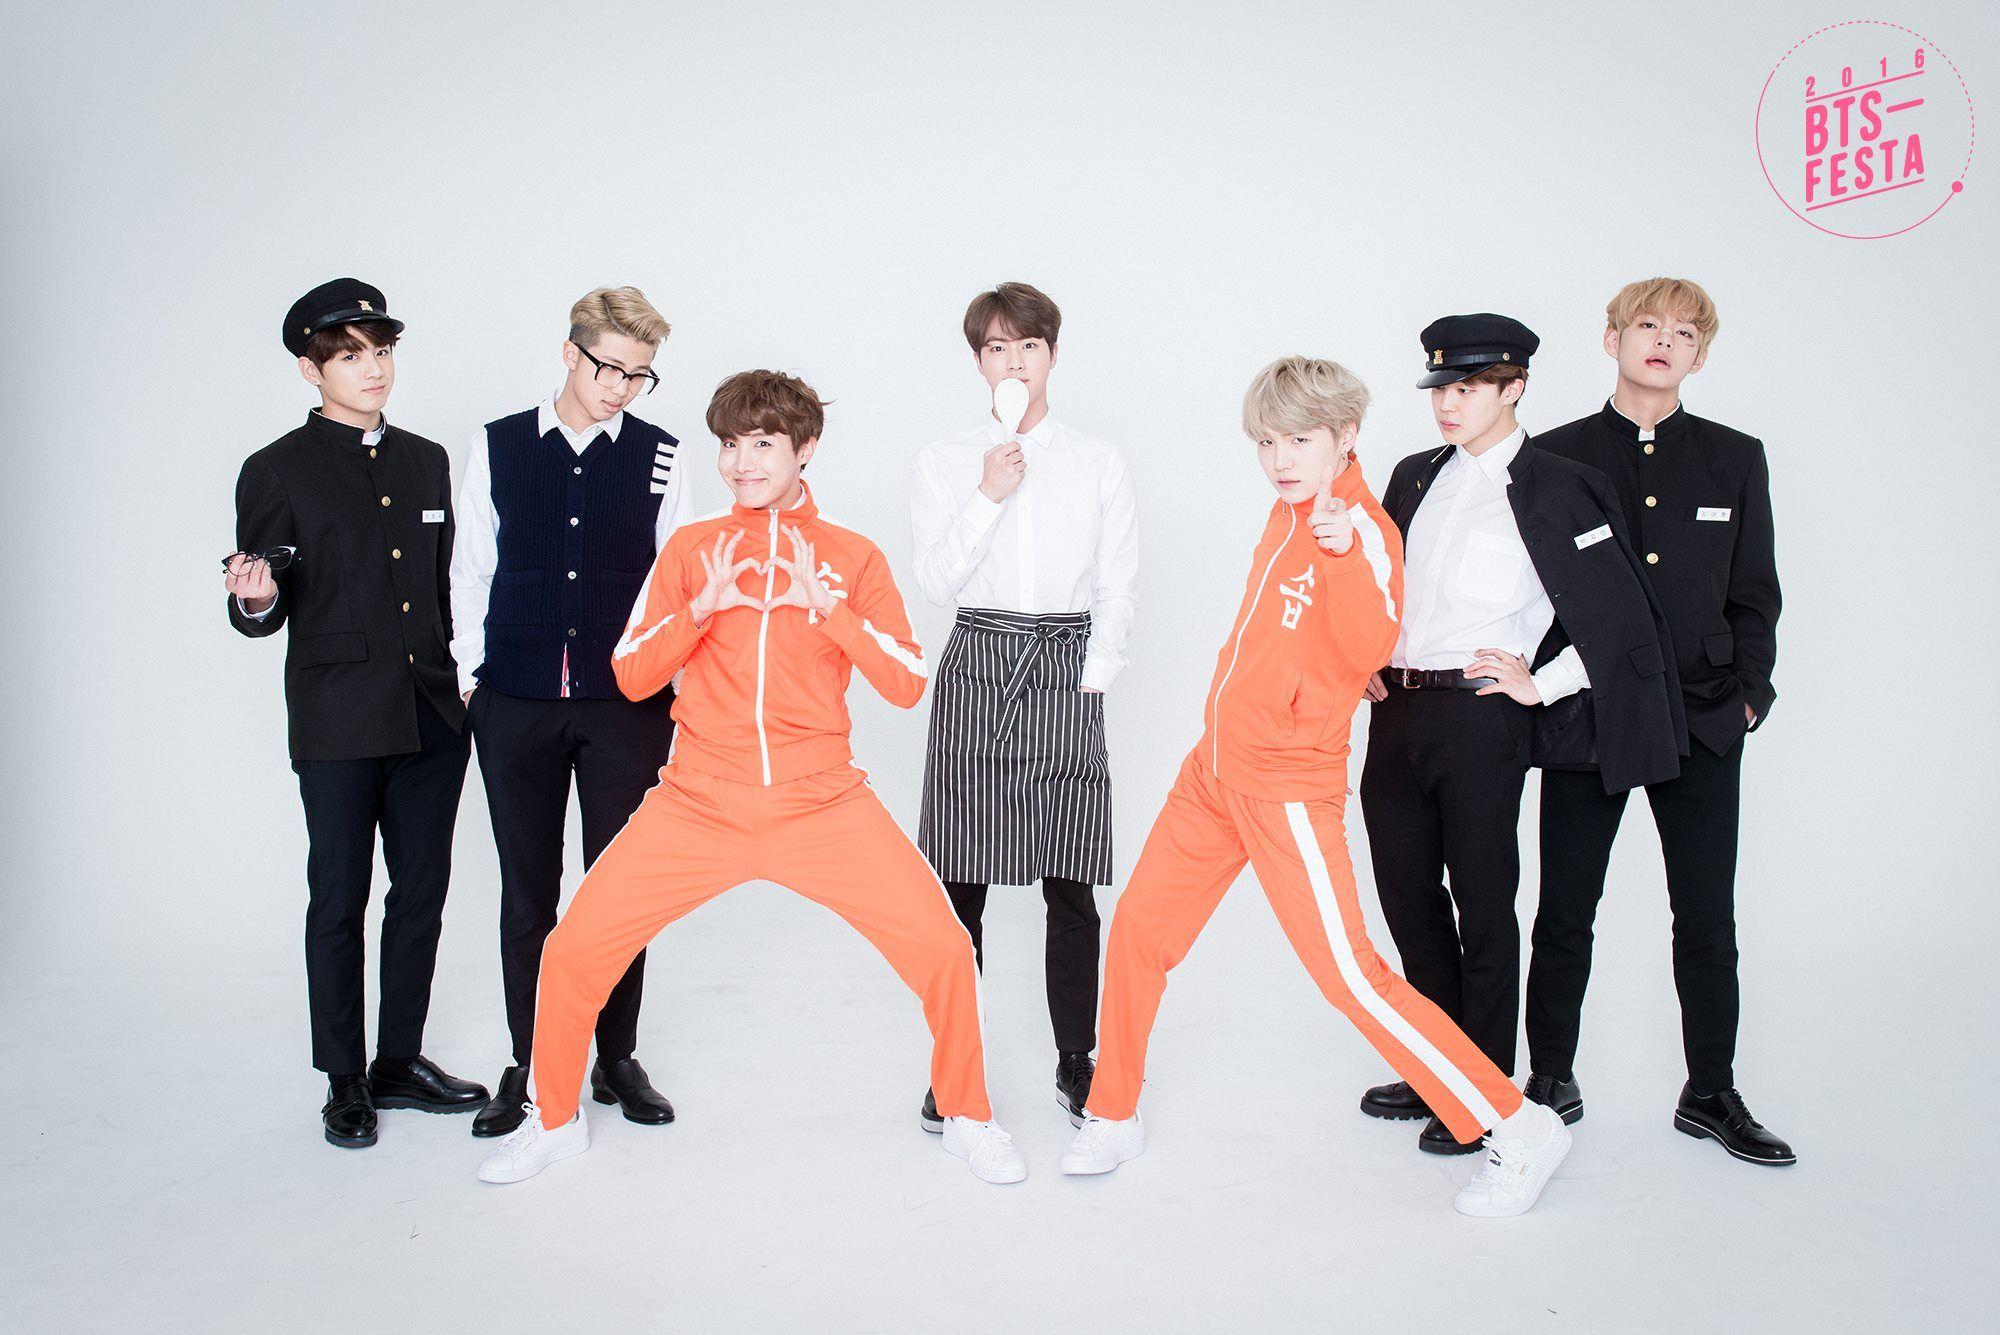 21 Picture/FB] [BTS FESTA 20] BTS 20rd Anniversary Photo Album ...